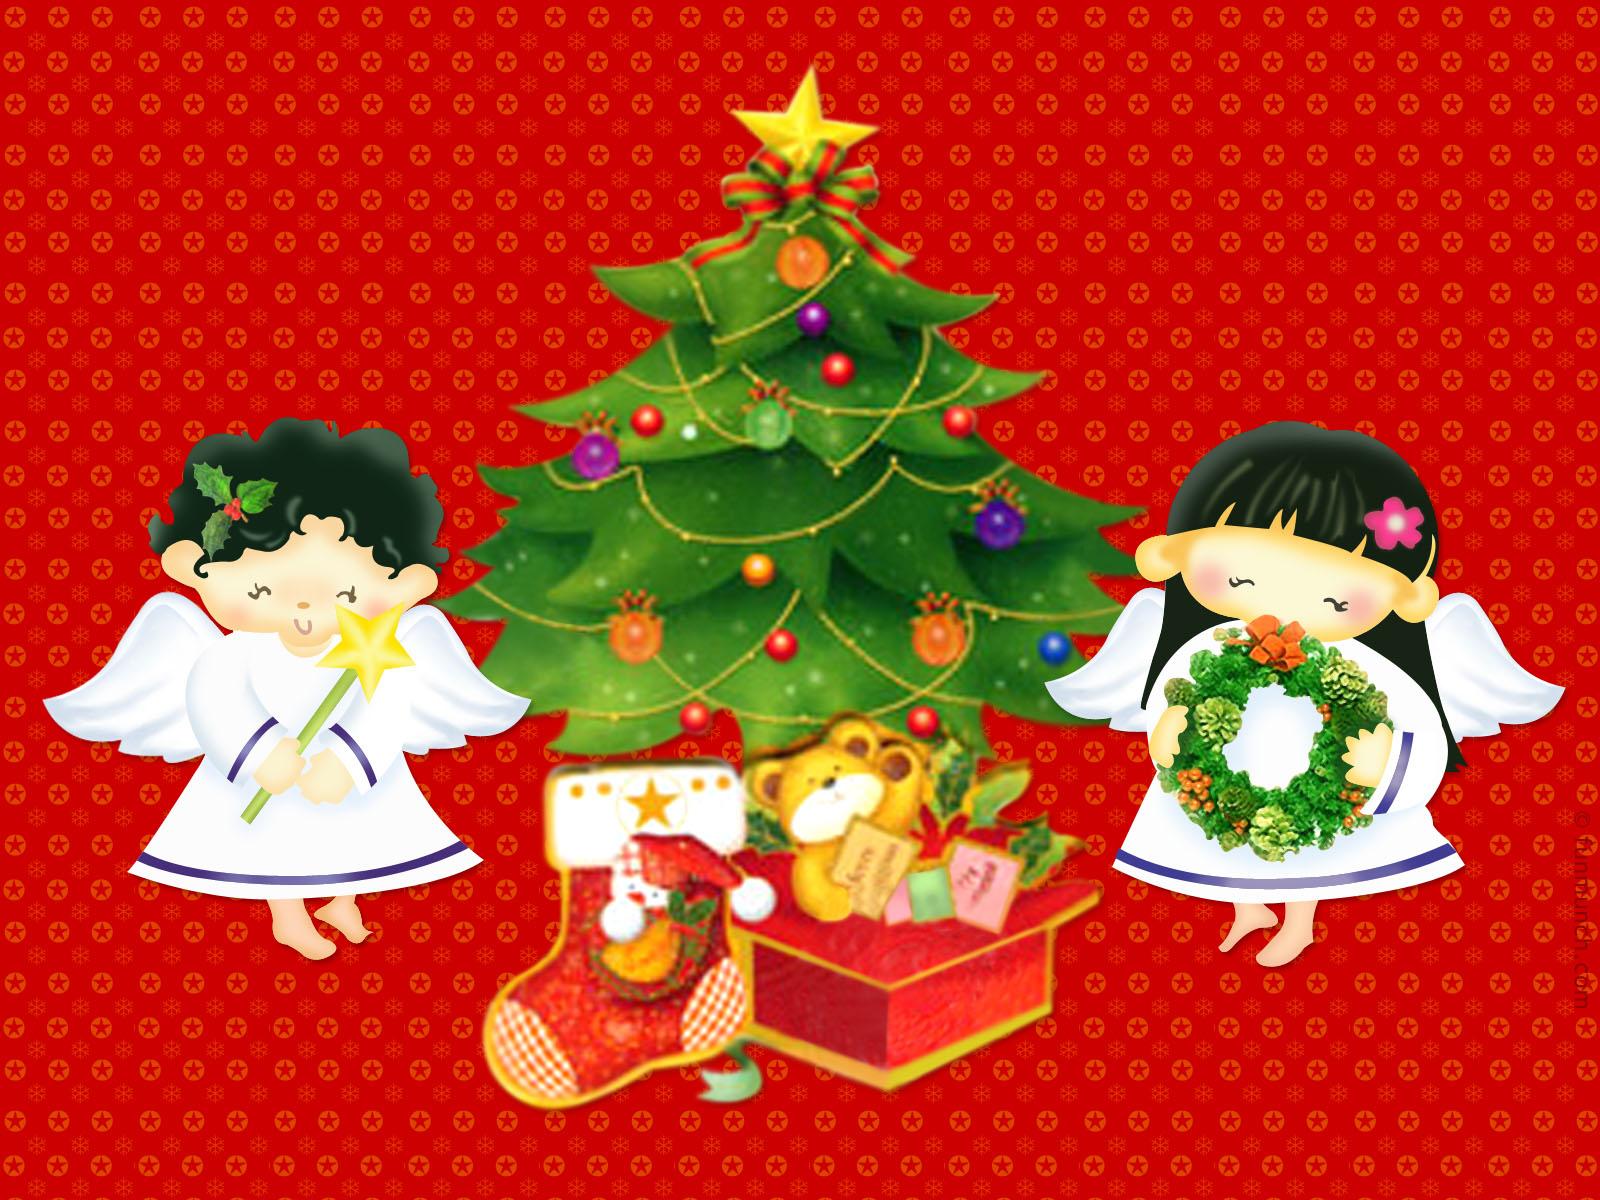 Los Fondos De Pantalla Animados Deportes Para Android: Fondos Navidad Animados Para Android